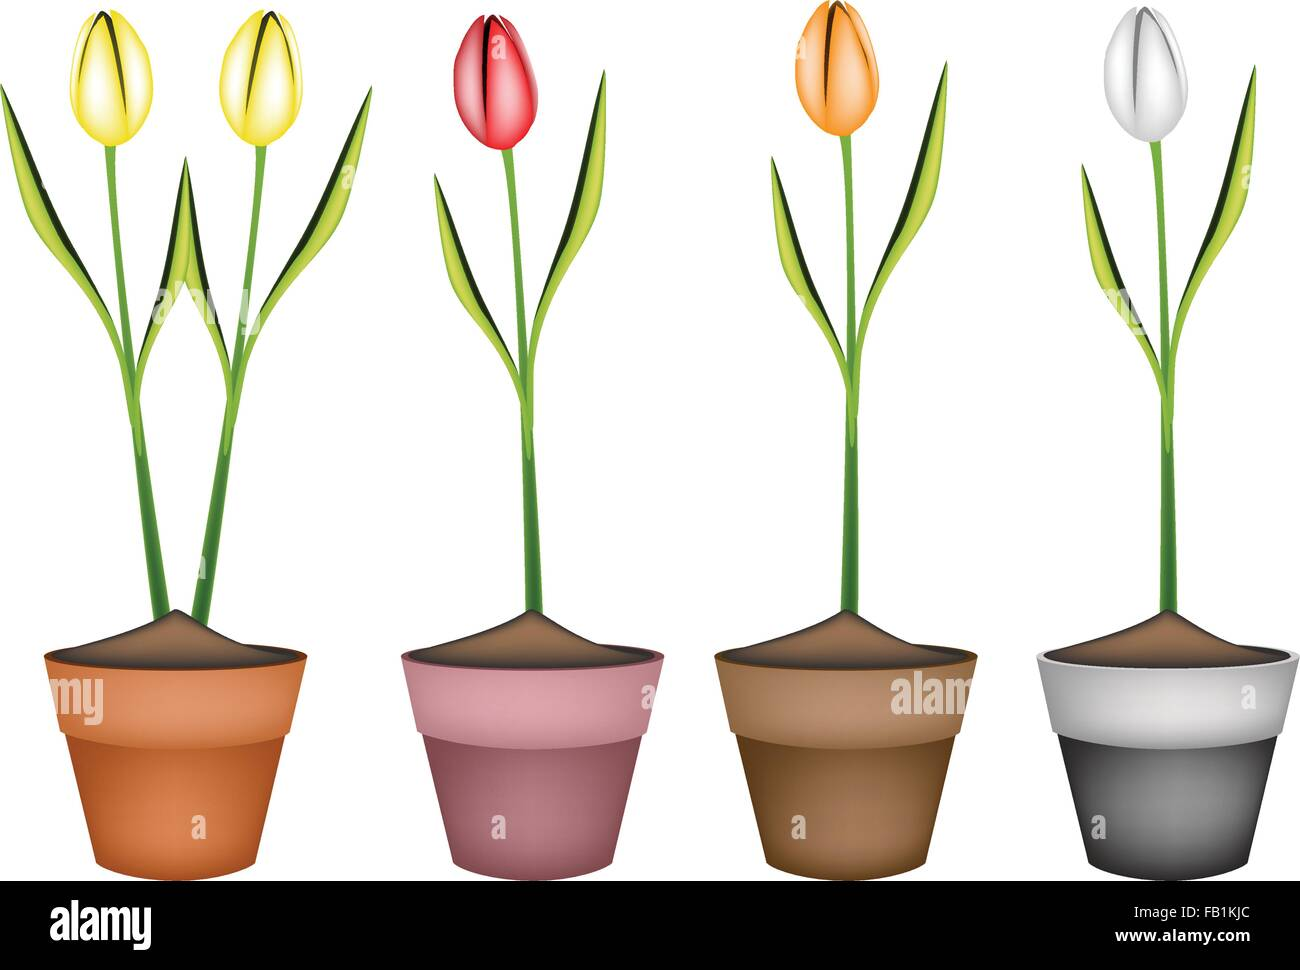 Schone Blume Illustration Sammlung Von Schonen Fruhling Bunte